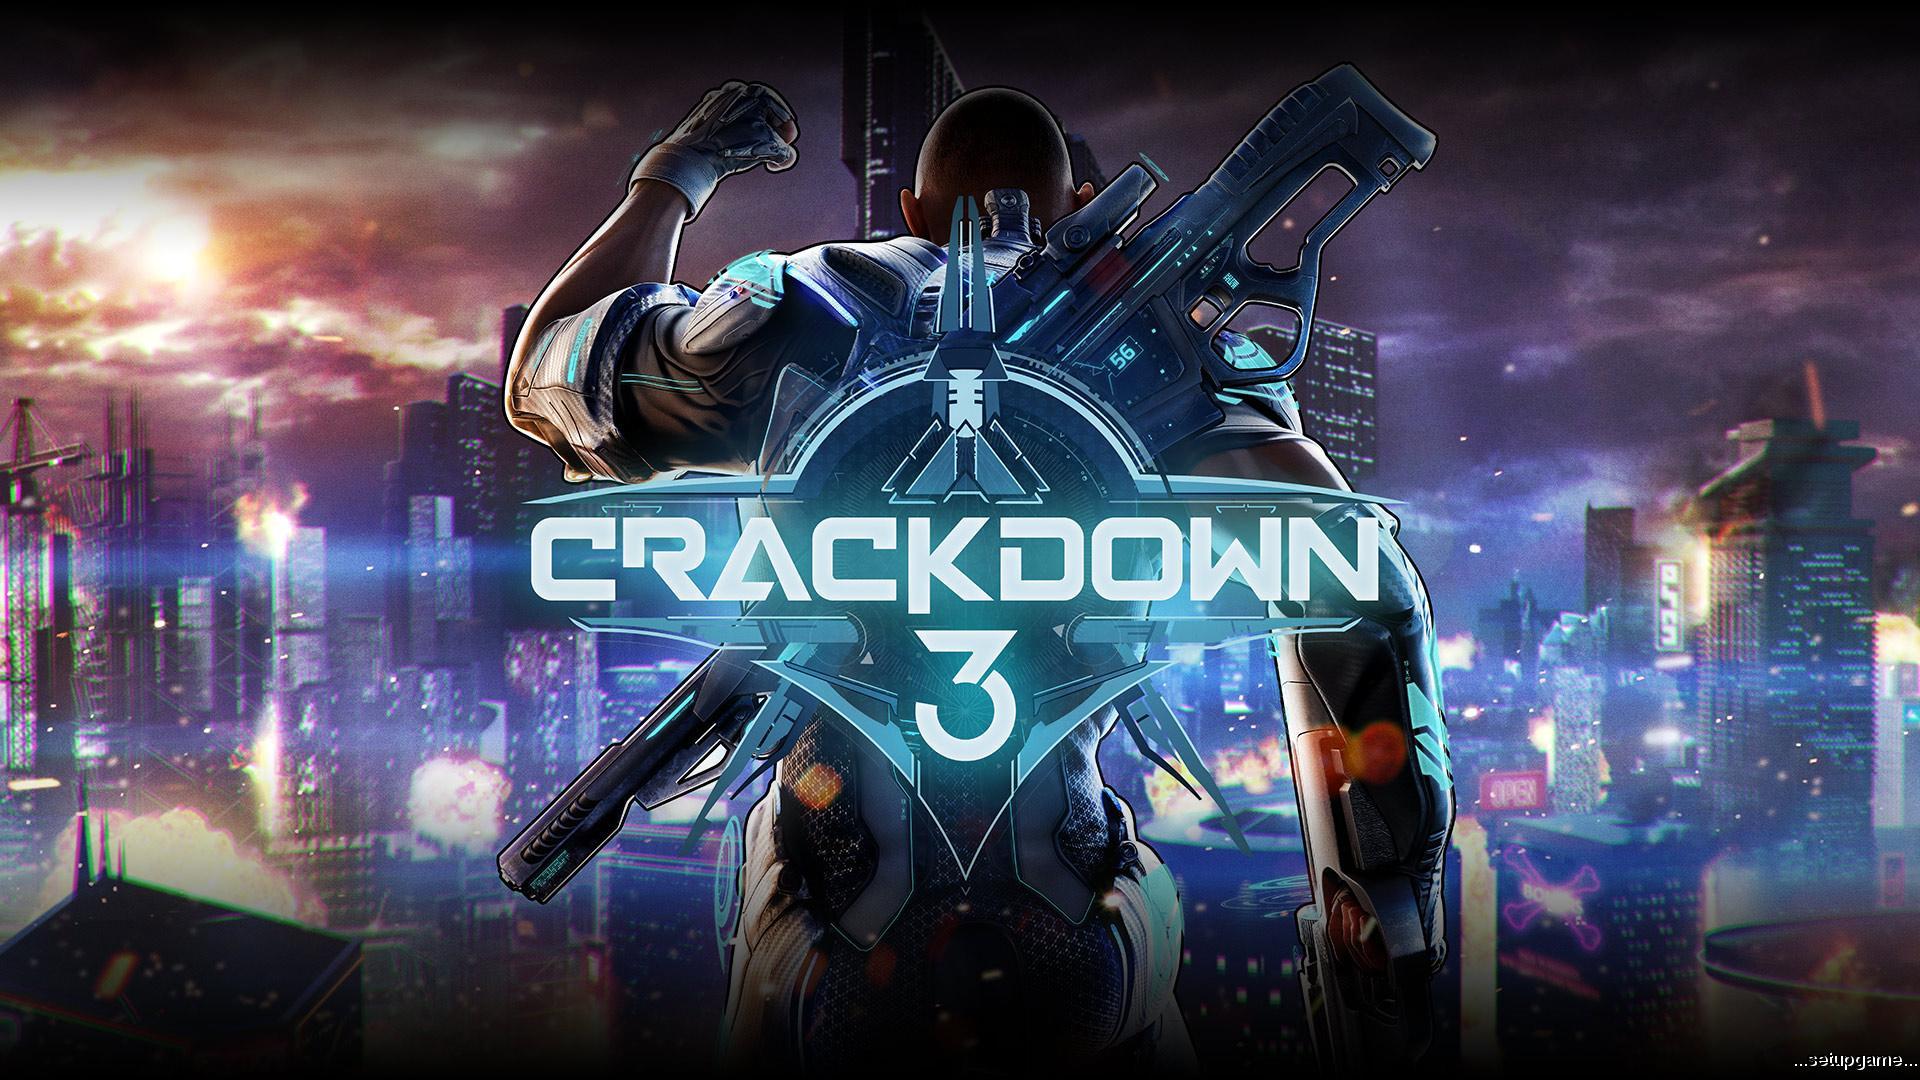 کار ساخت Crackdown 3 تقریبا تمام شده است؛ توسعه دهندگان از تاخیر بازی برای بهبود آن استفاده میکنند